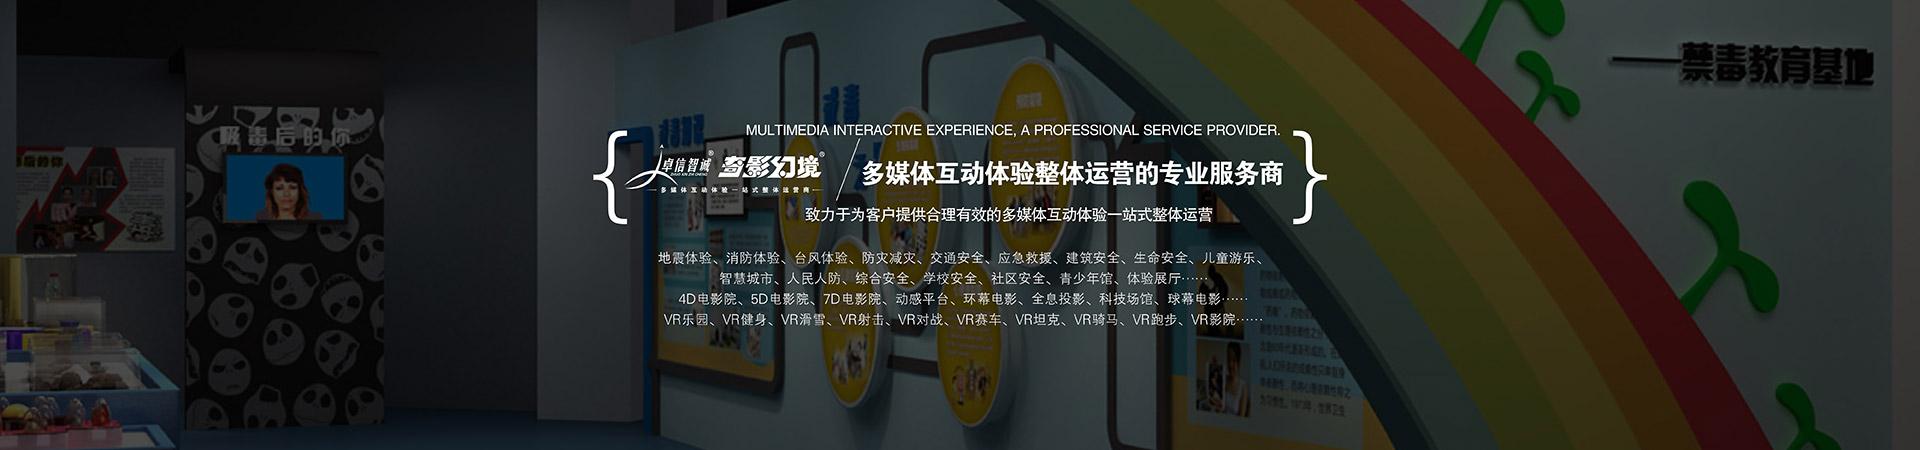 安全体验纪念馆设计安全体验4D动感飞行影院安全体验VR数字展厅安全体验标准楼梯体验安全体验搭建房屋抗震结构